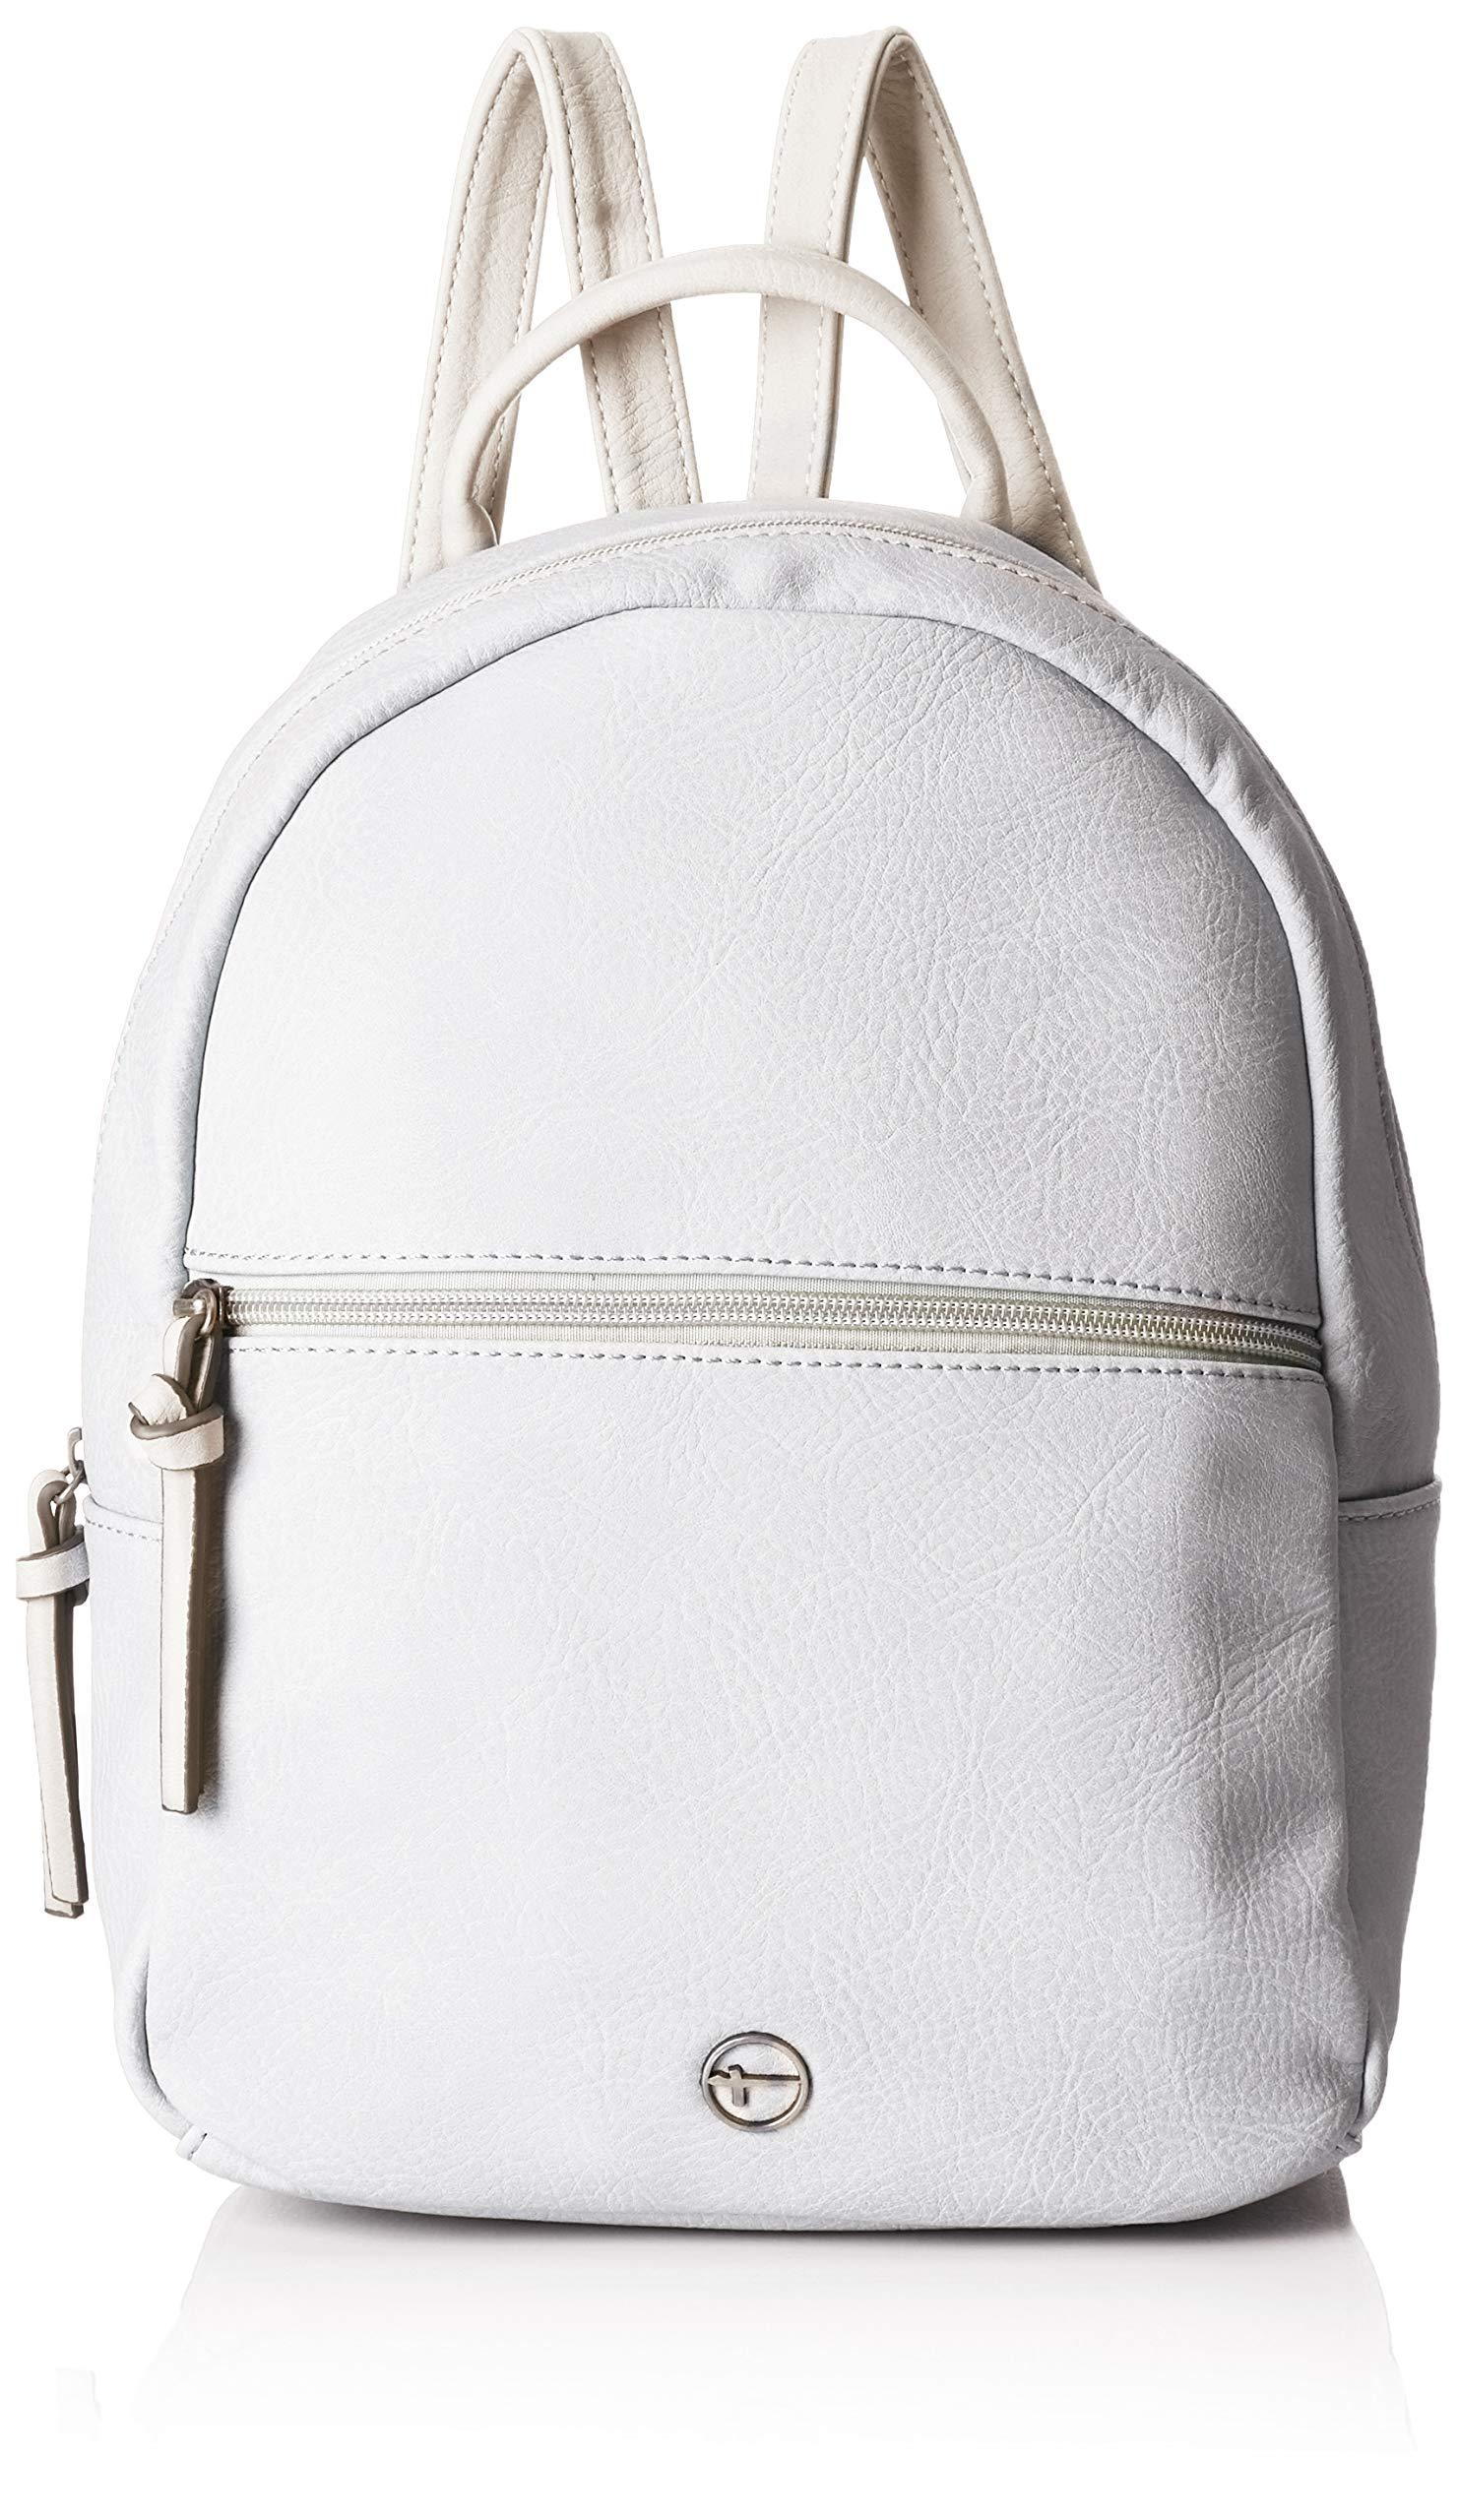 FemmeGrislight Portés Comb14x30x22 Cmw Aurora H Grey L X Tamaris BackpackSacs Dos IH29ED